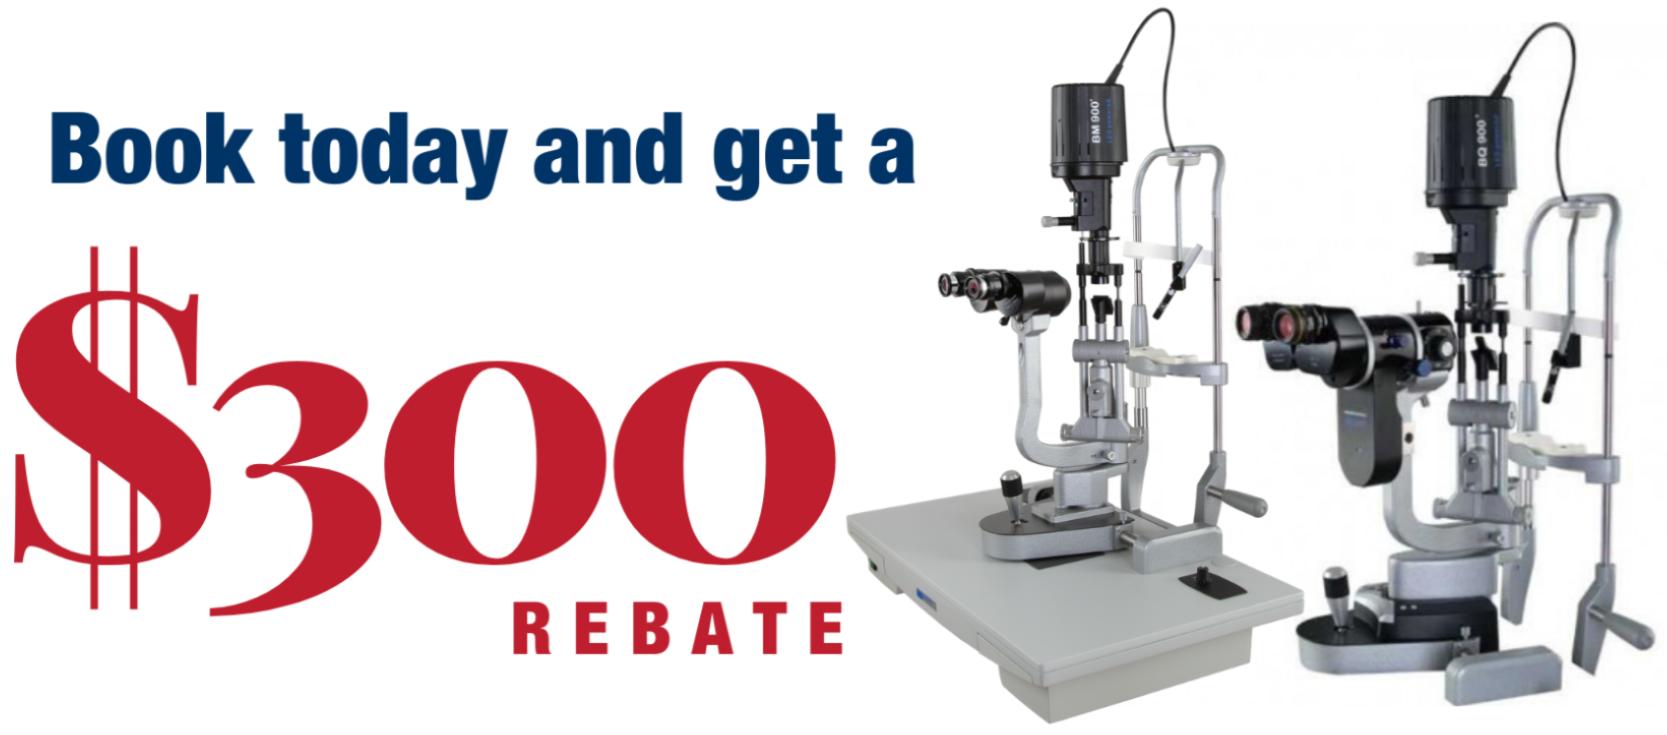 $300_rebate